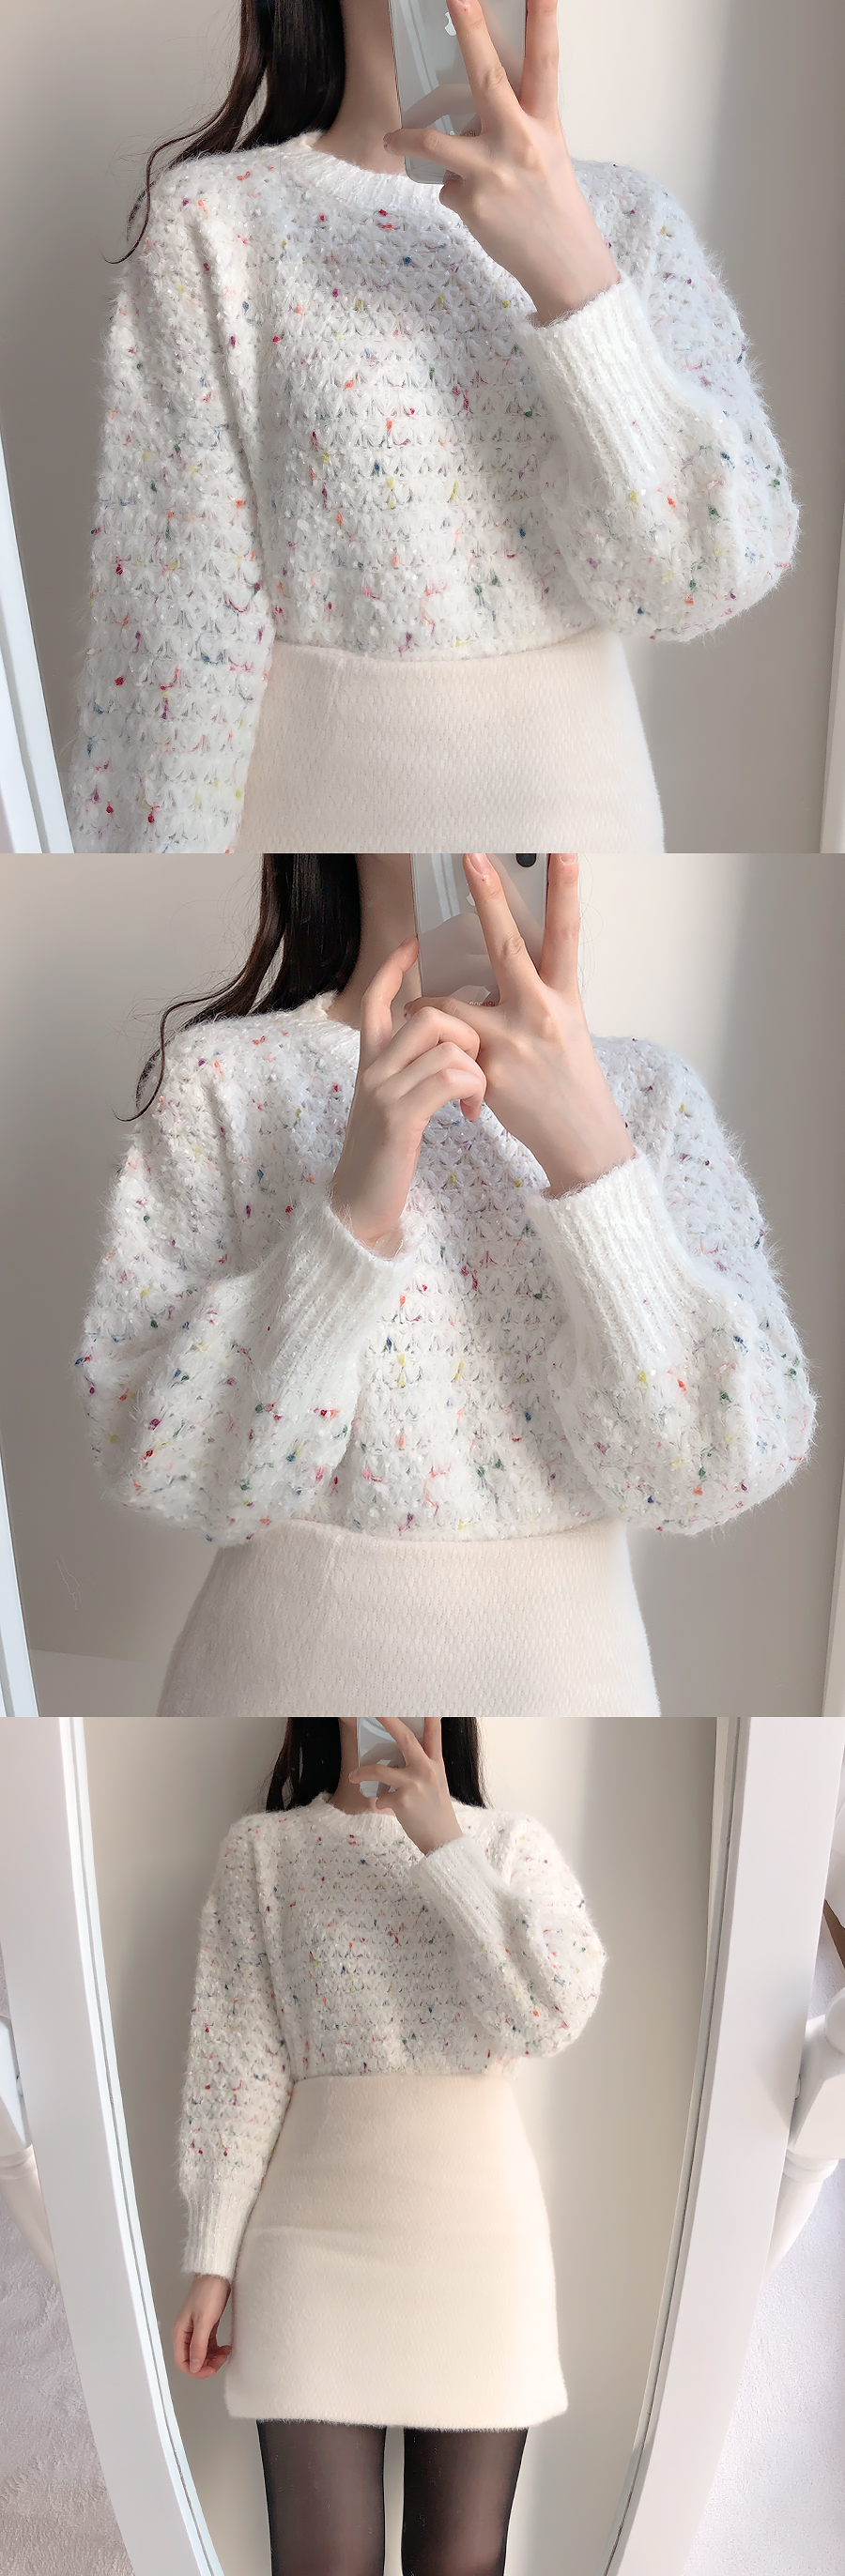 Melo fur jacket coat + knit skirt set 2color